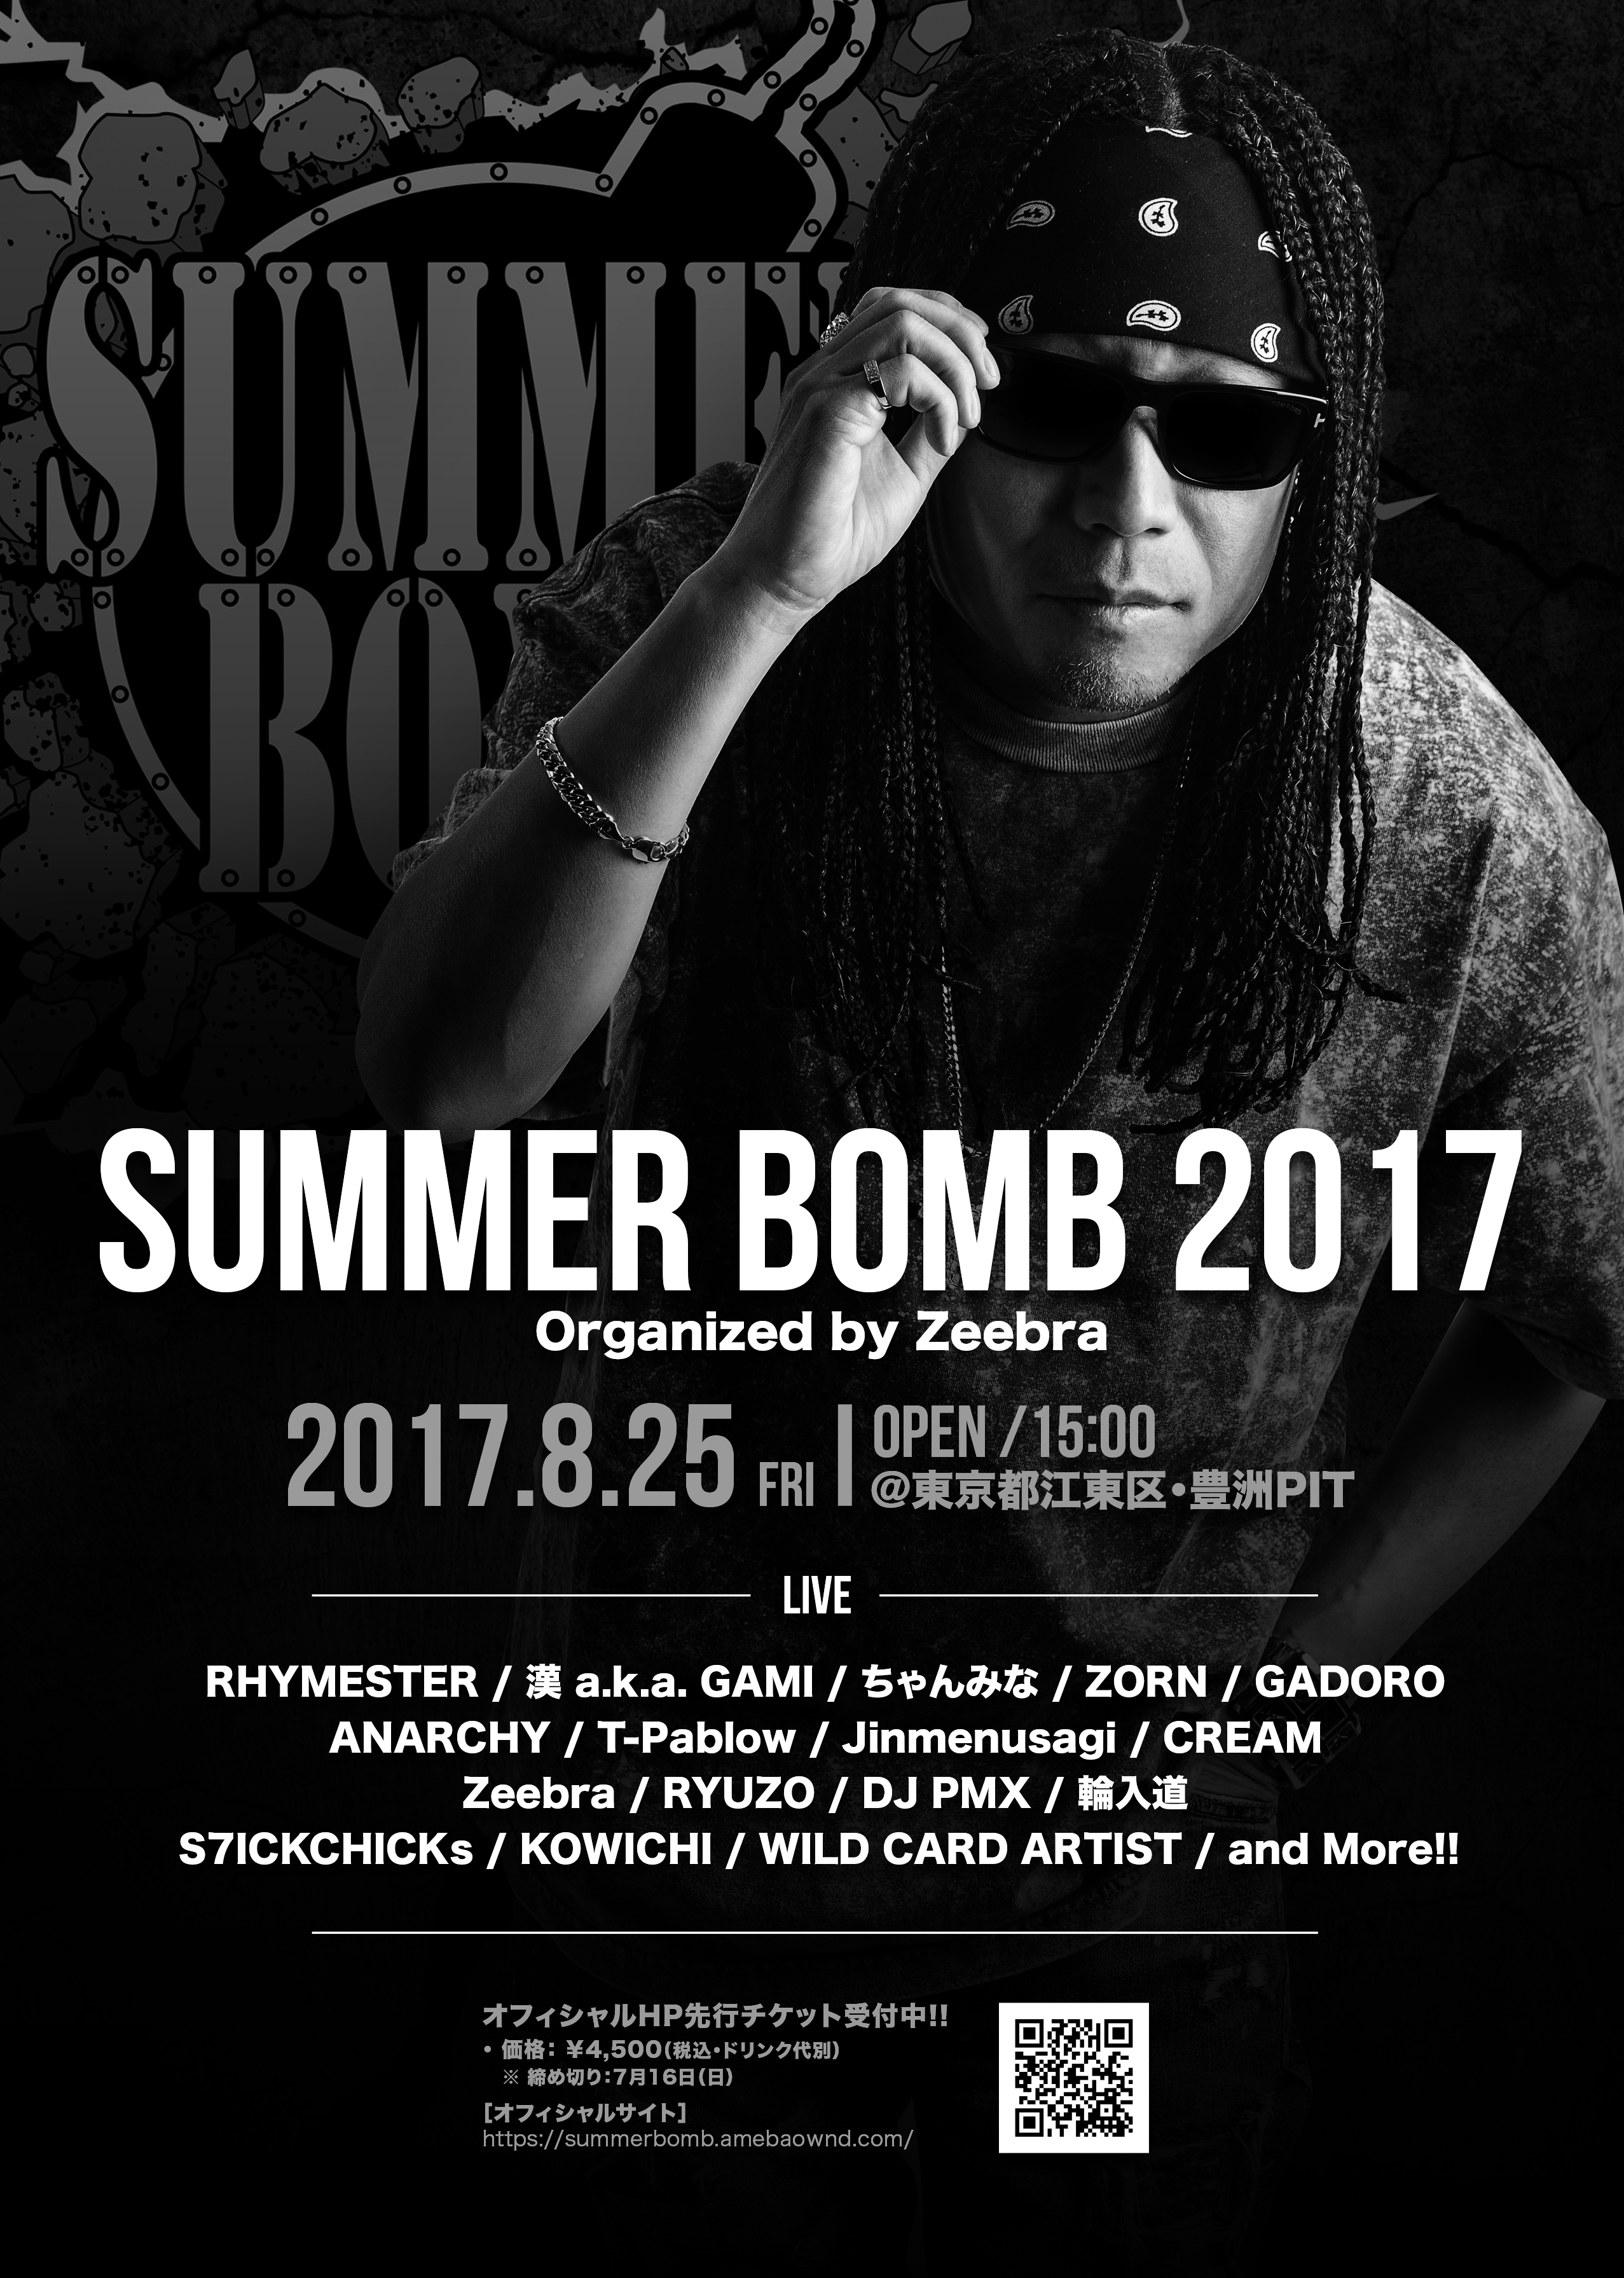 sb_2017_1c_DJ-PMX